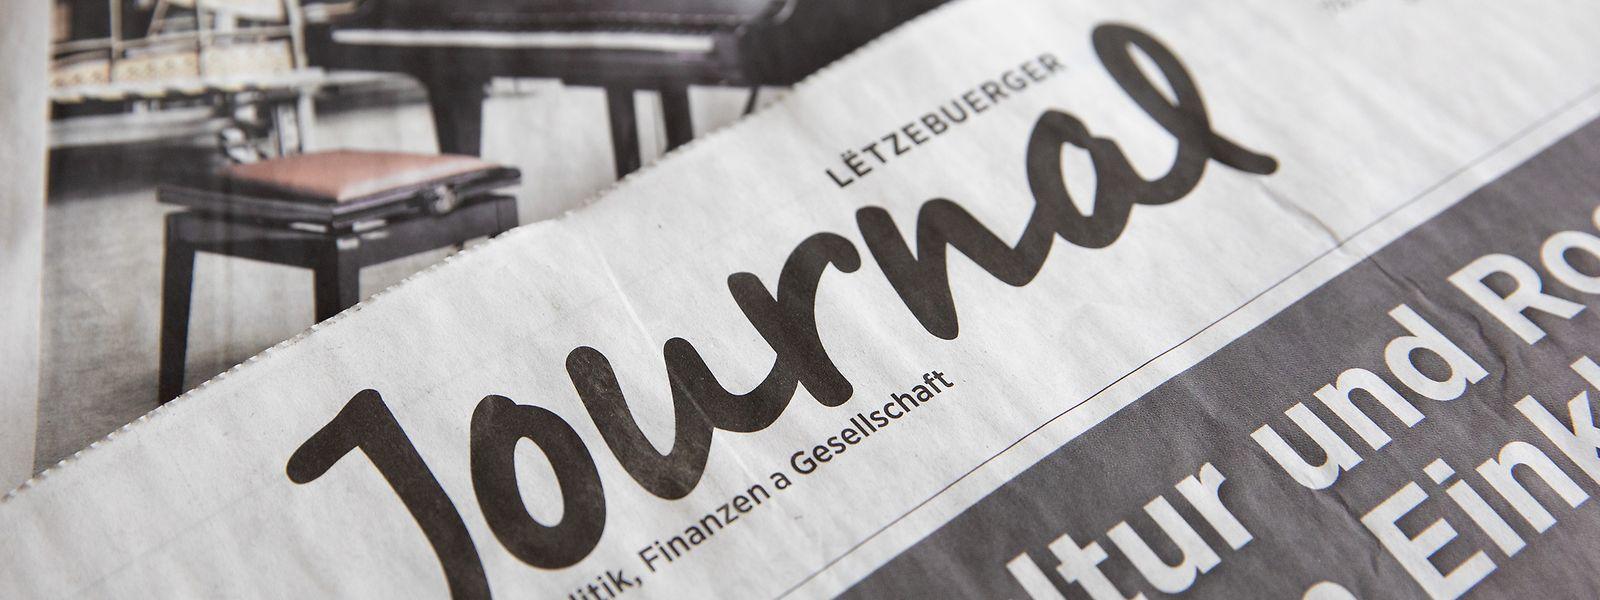 Die Tageszeitung will zum Jahresende ihre Print-Ausgabe einstellen.